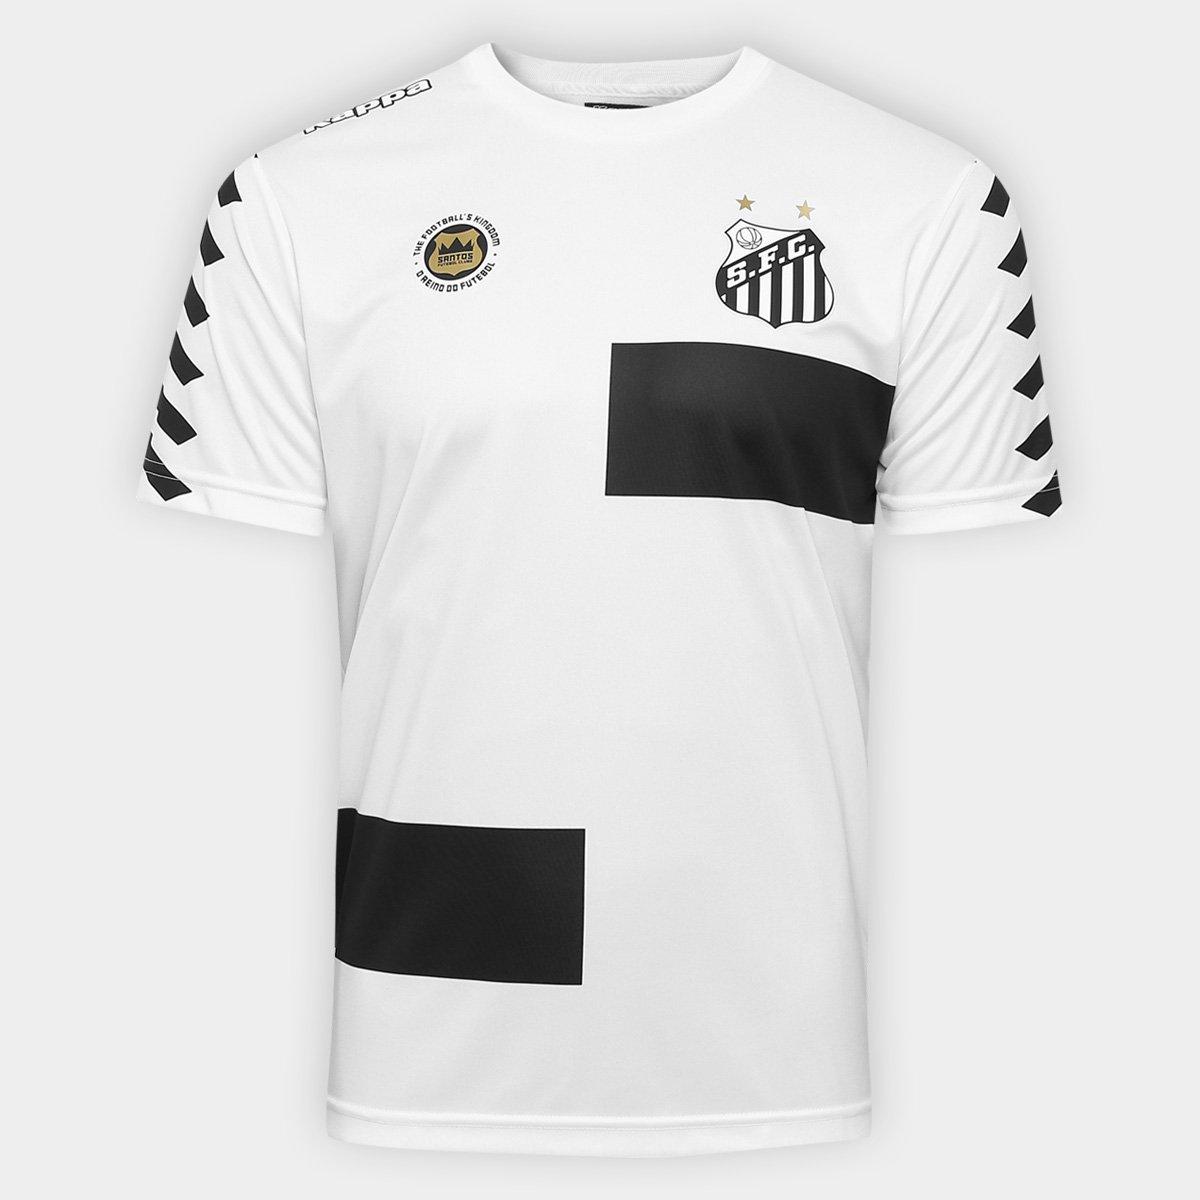 7af624f3da Camisa Santos Treino I 17 18 s nº - Torcedor Kappa Masculina - Compre Agora